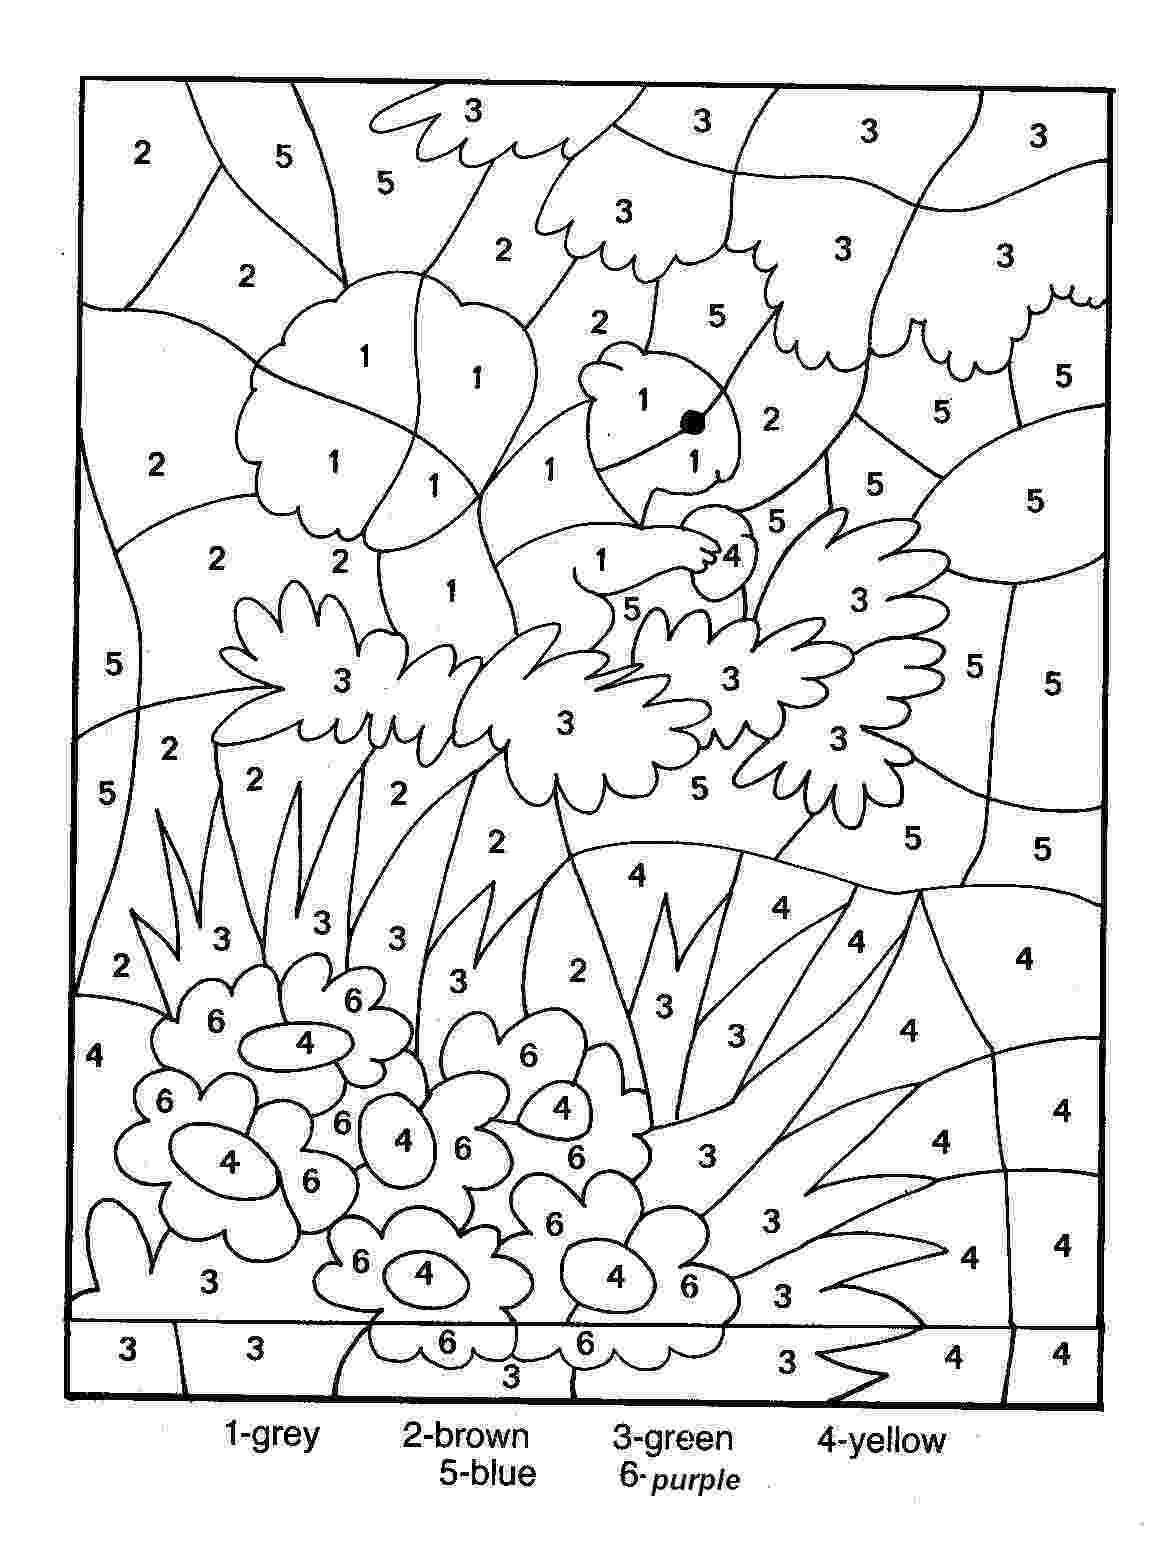 magic coloring sheets 5 best magic school bus coloring pages for kids updated 2018 sheets coloring magic